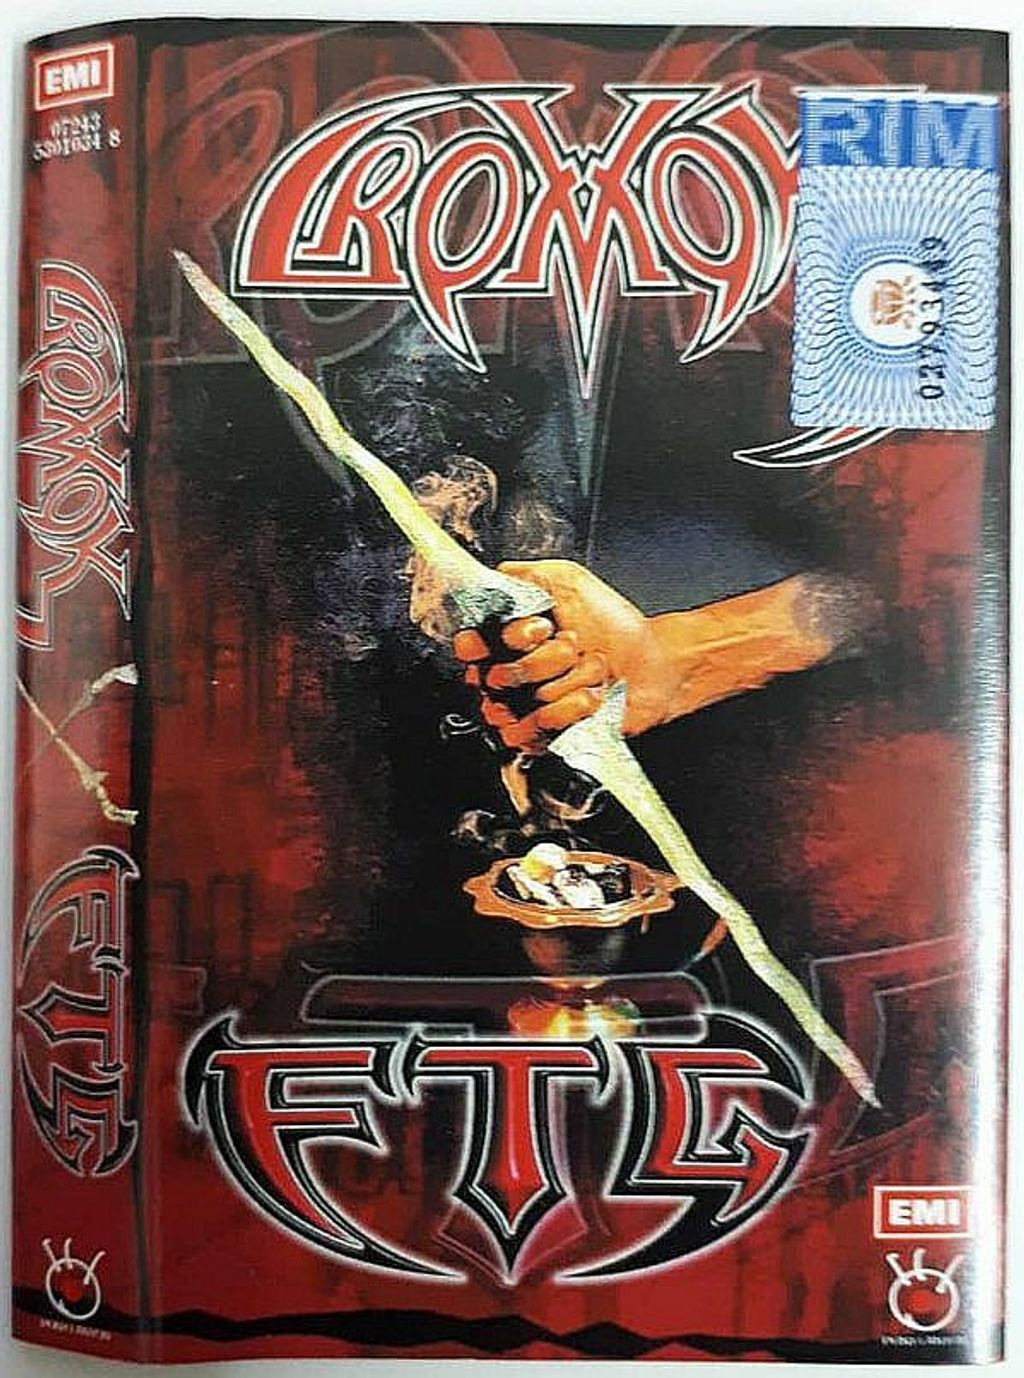 (Used) CROMOK, F.T.G. Cromok & FTG CASSETTE TAPE.jpg